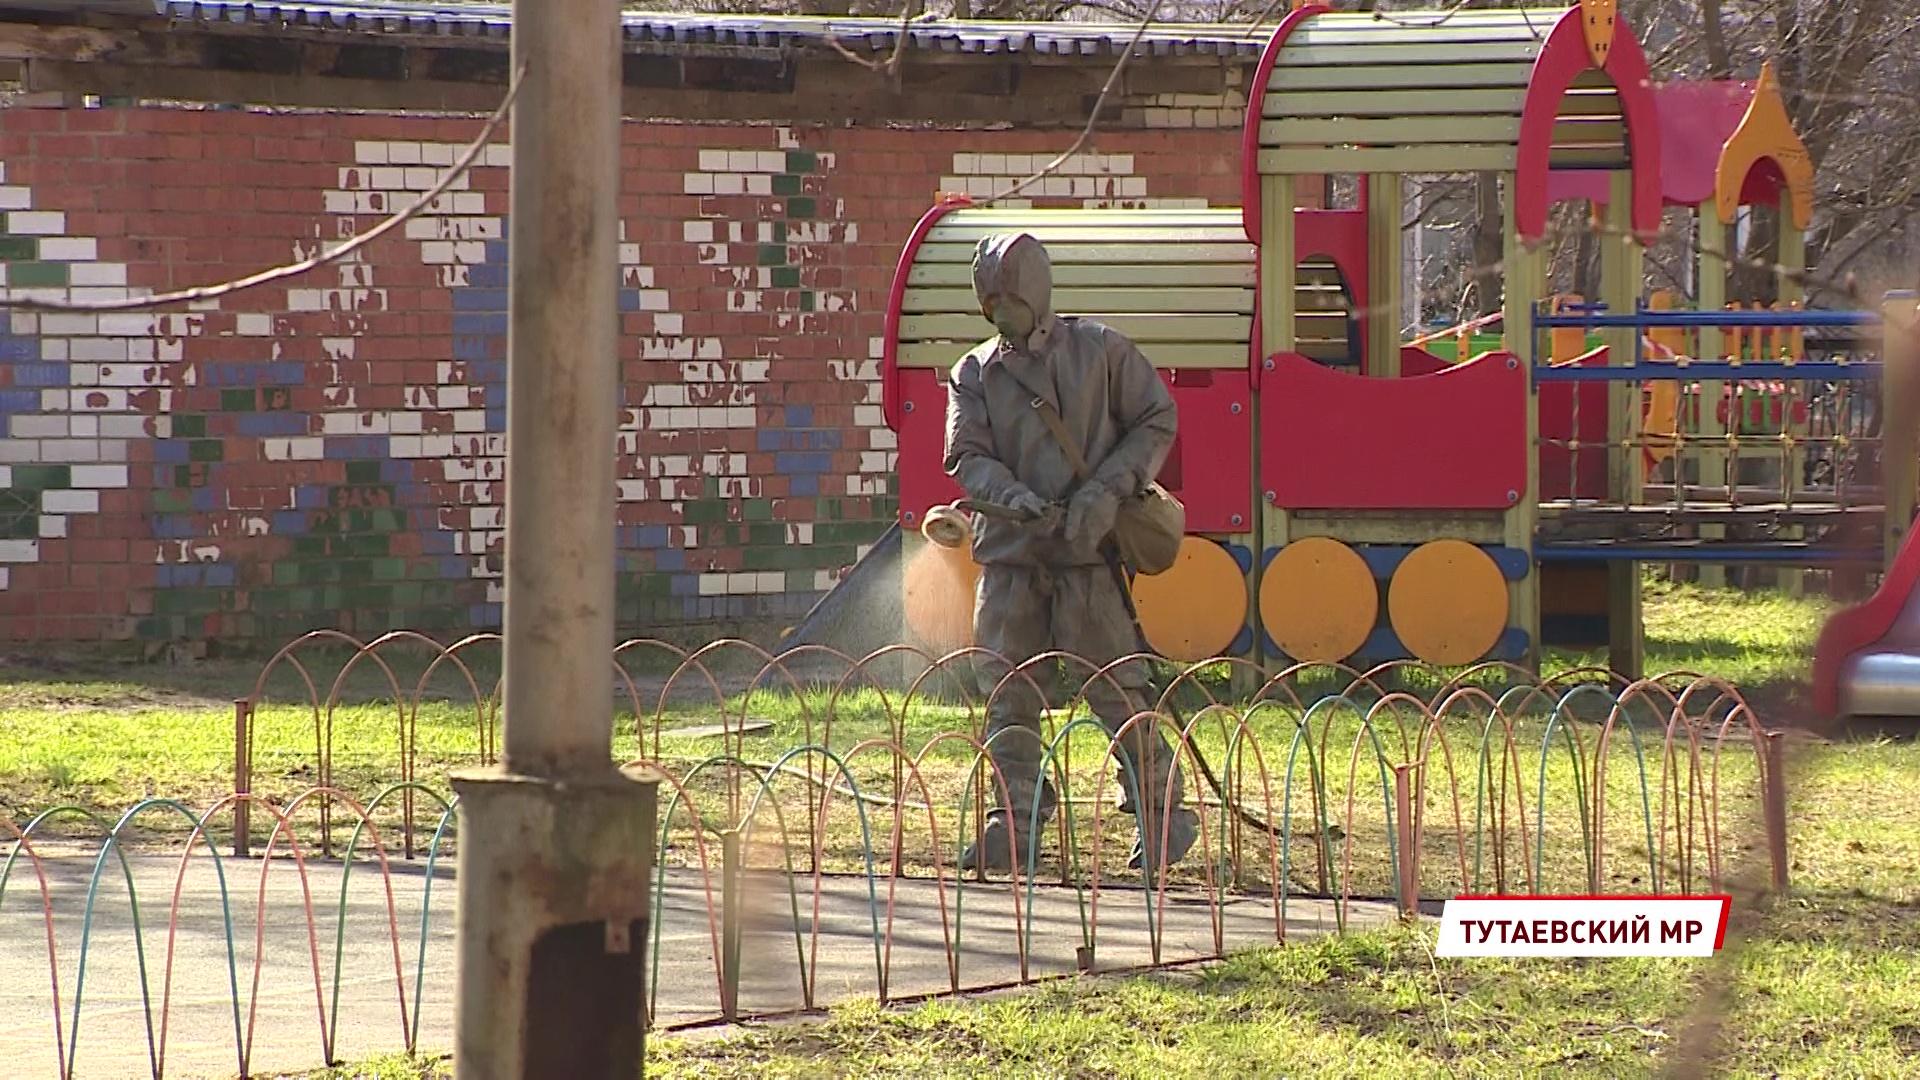 Военные провели дезинфекцию детского сада в Тутаеве, закрытого на карантин из-за коронавируса